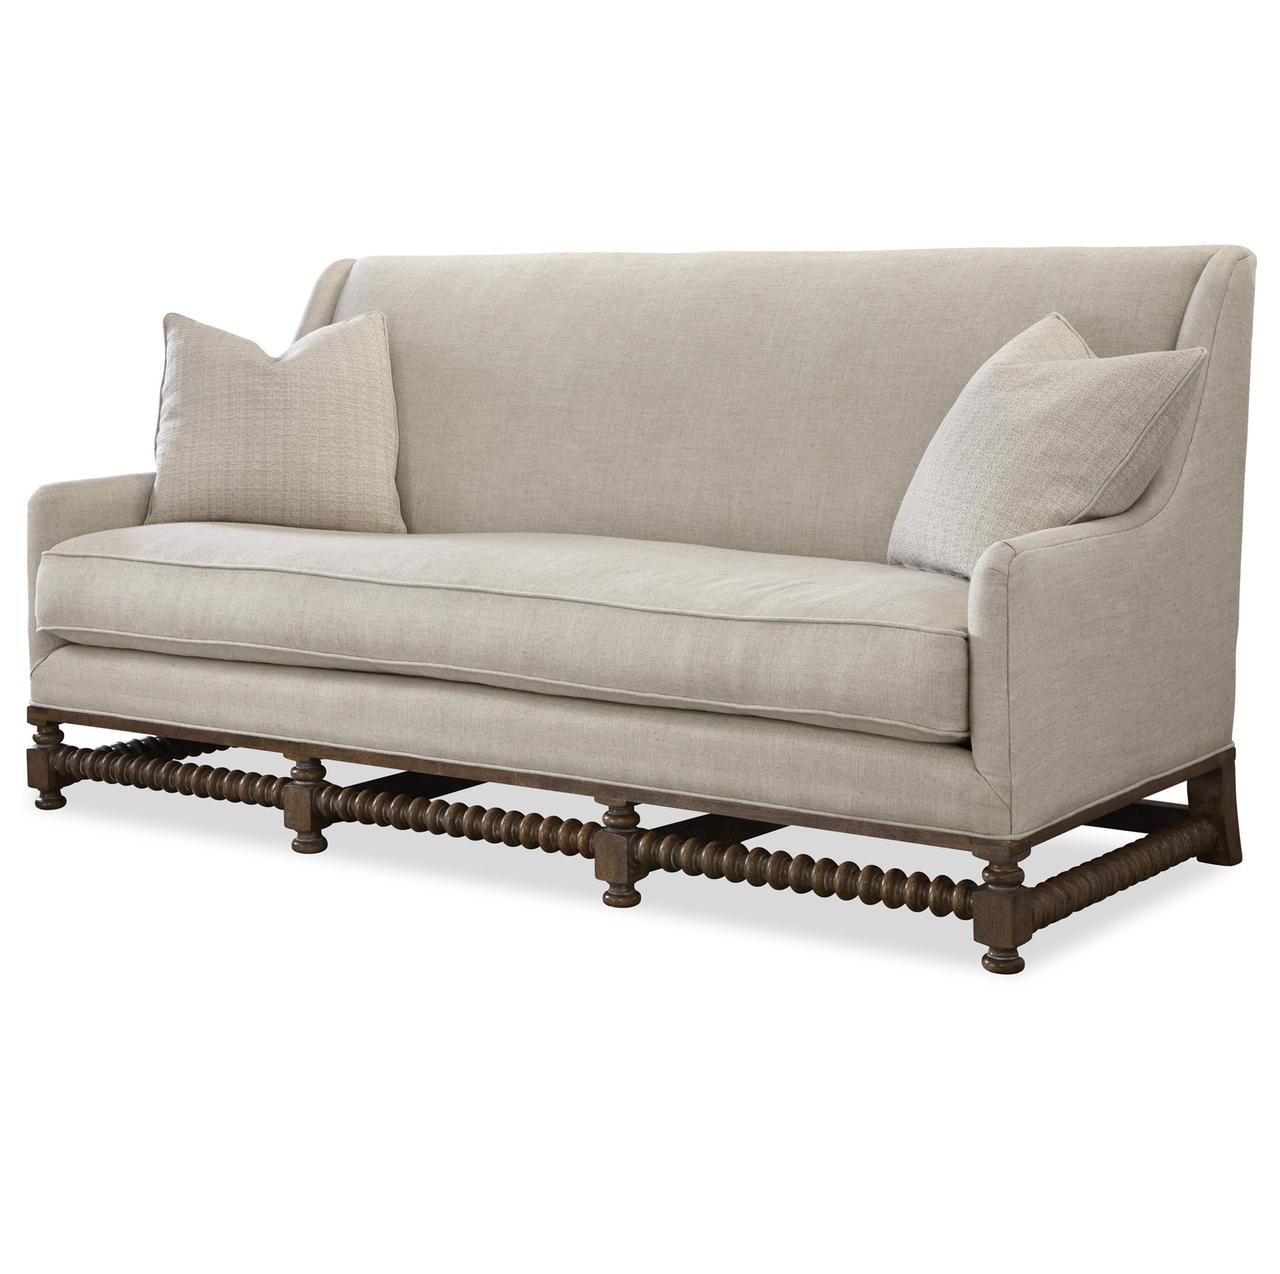 Sundance Bohemian Linen Upholstered Sofa Settee